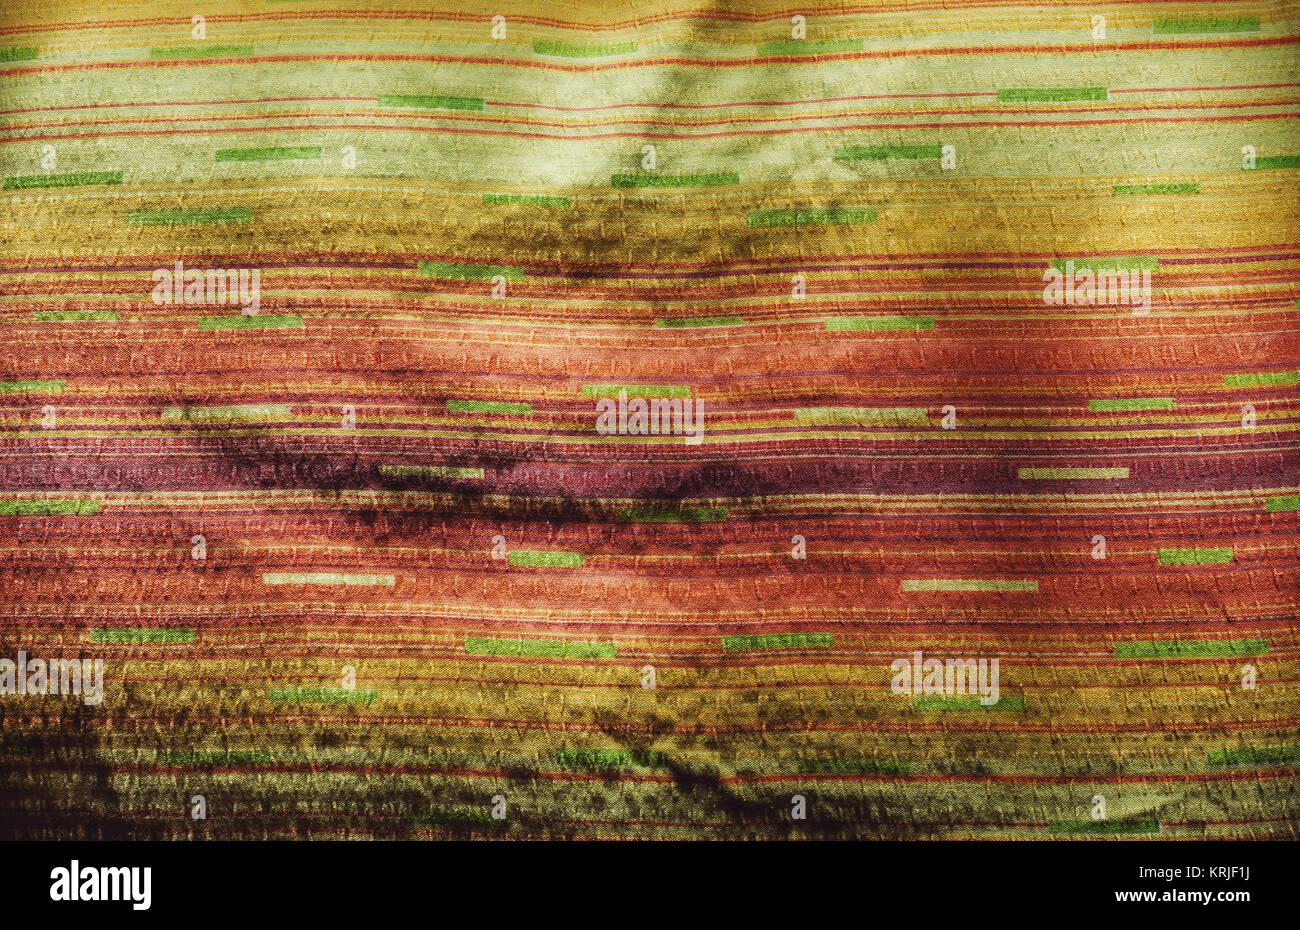 Vista ingrandita di colorate lenzuola, dettagli di texture. Immagini Stock